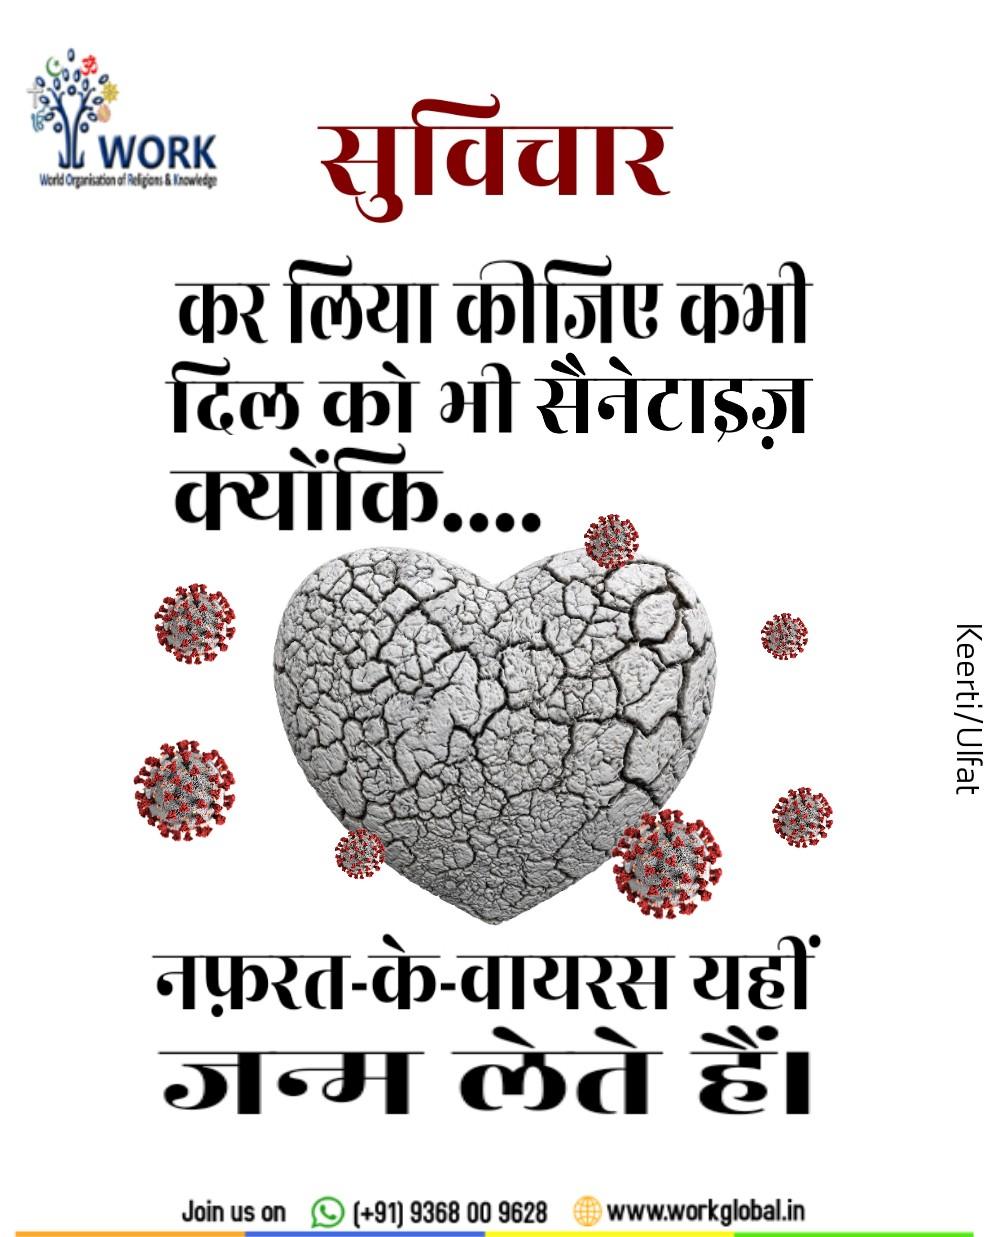 नफ़रत-के-वायरस यहीं जन्म लेते हैं!